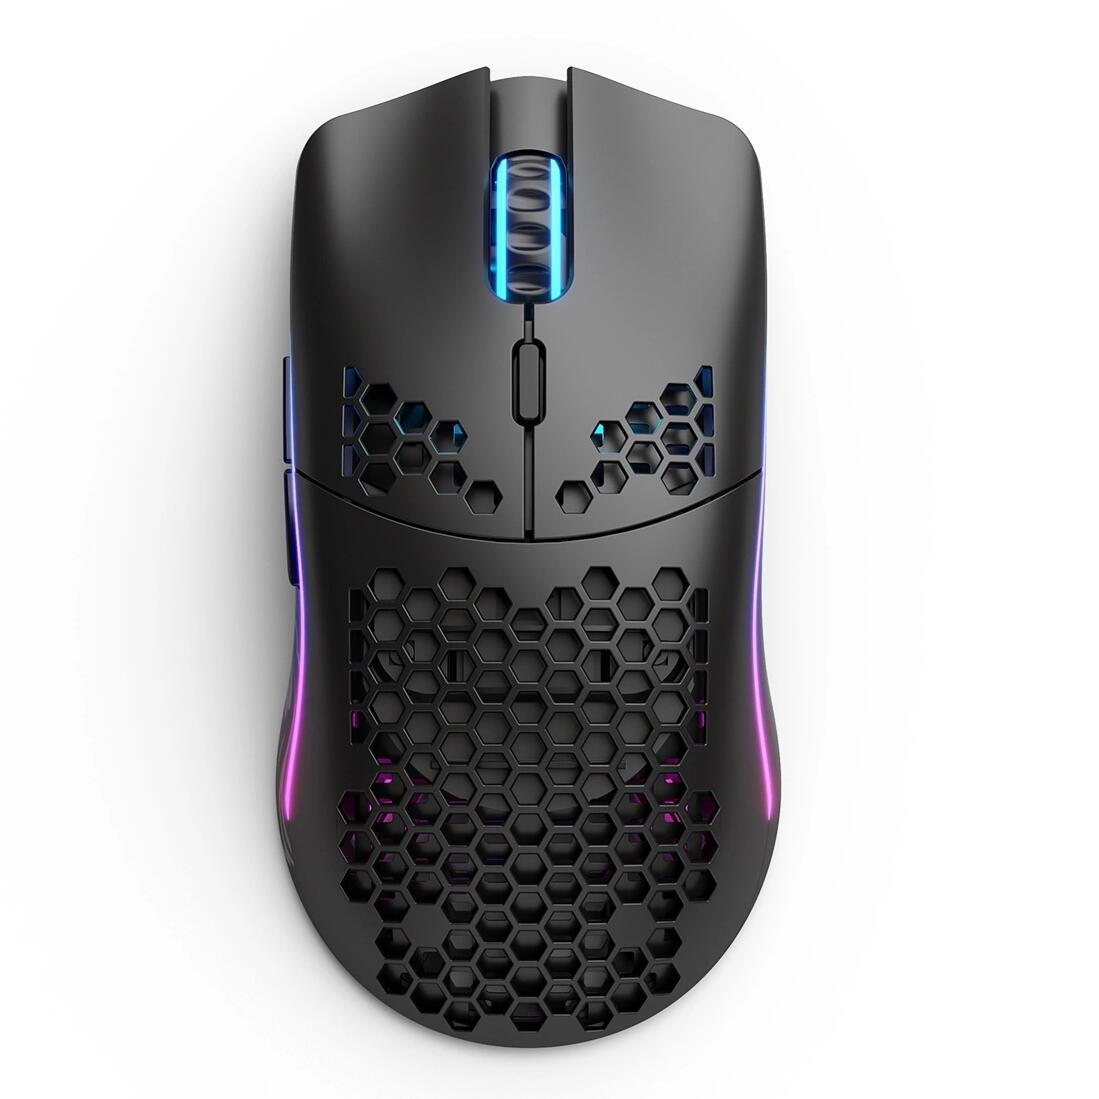 Превосходная модель O, Беспроводная игровая мышь, светильник Кая беспроводная мышь, матовый черный/белый цвет, бесплатная доставка